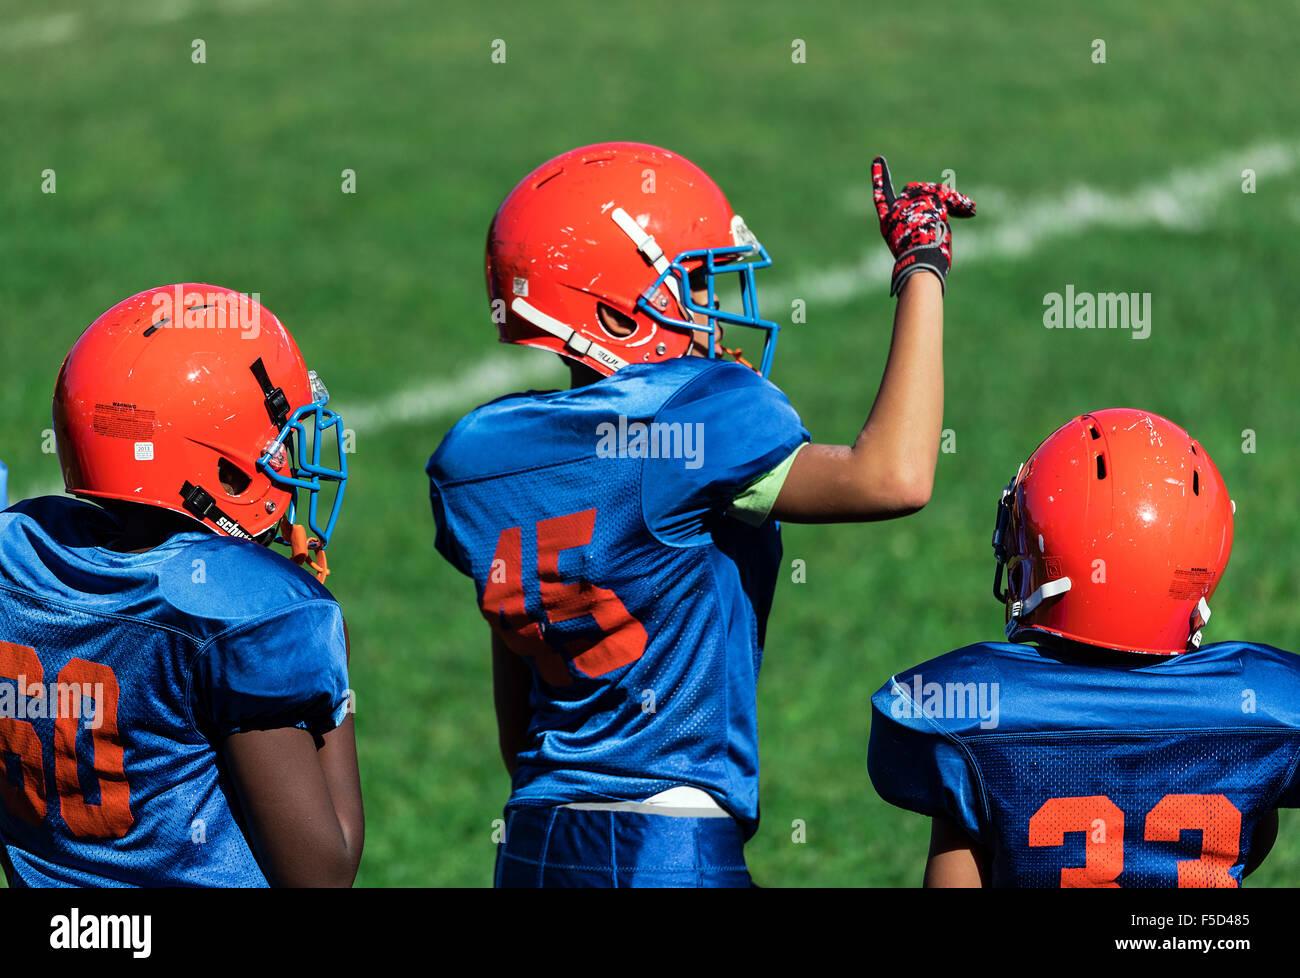 Les jeunes garçons dans les coulisses d'une Pop Warner football game, USA Photo Stock